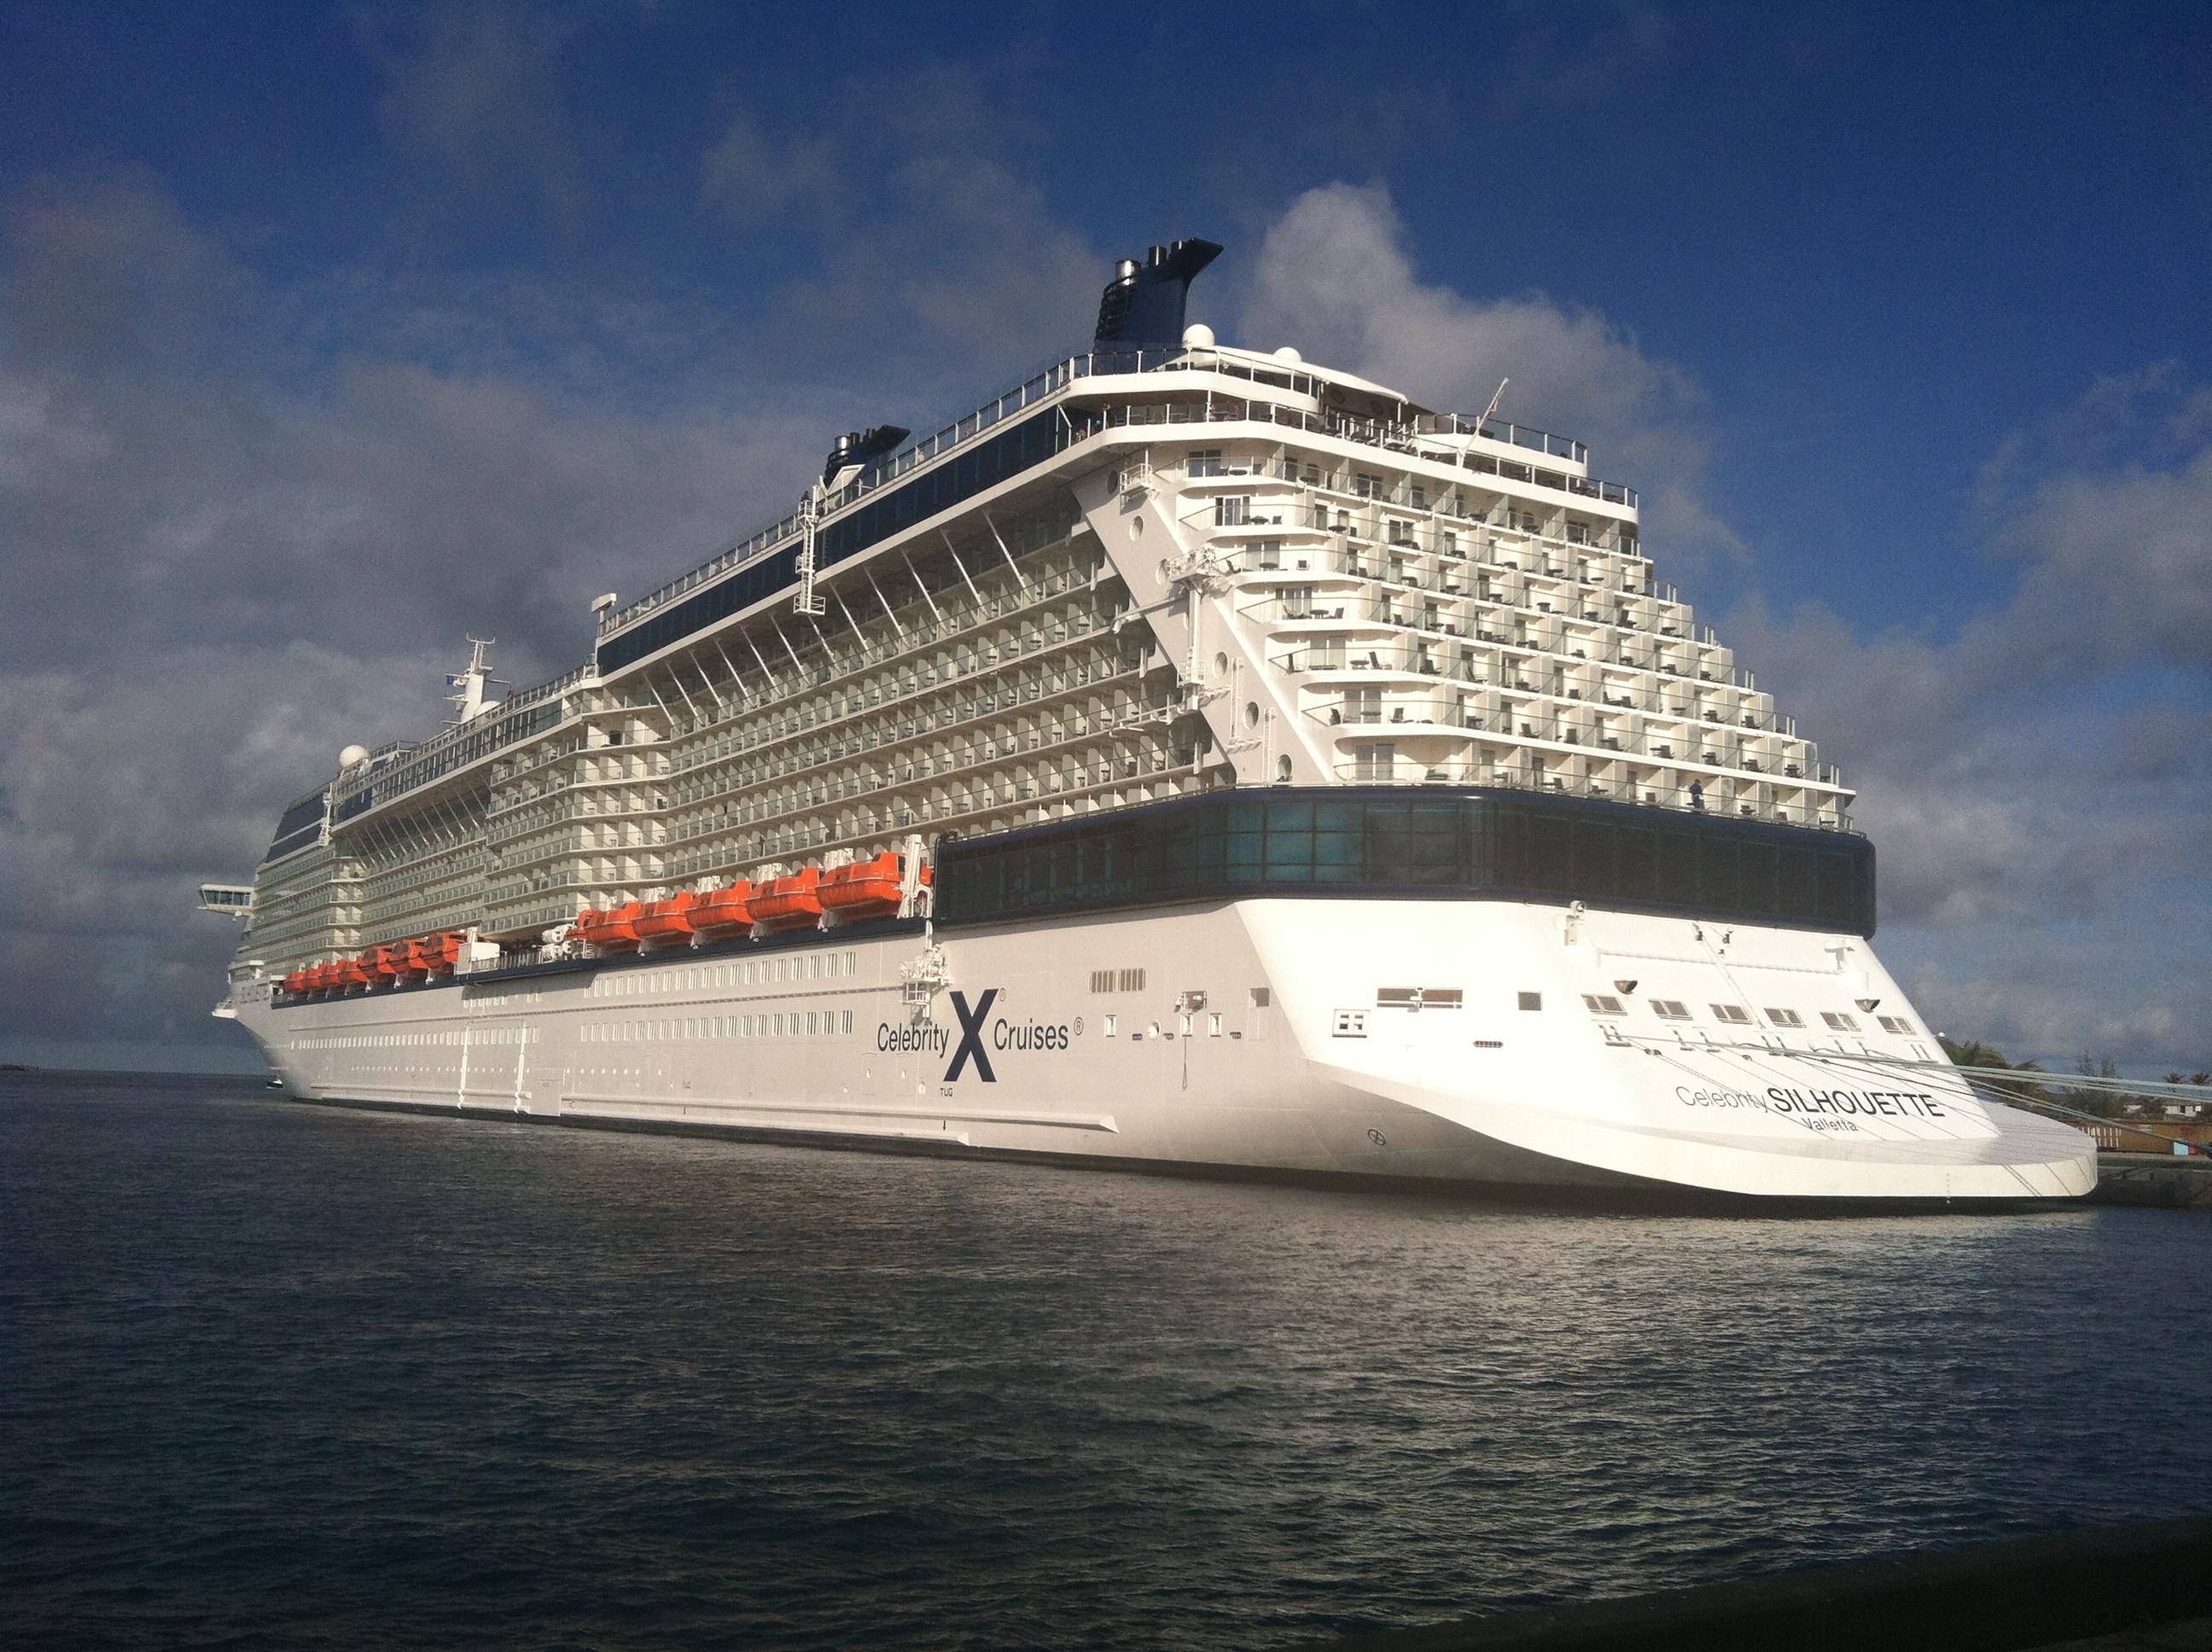 coachella-cruise2.jpg